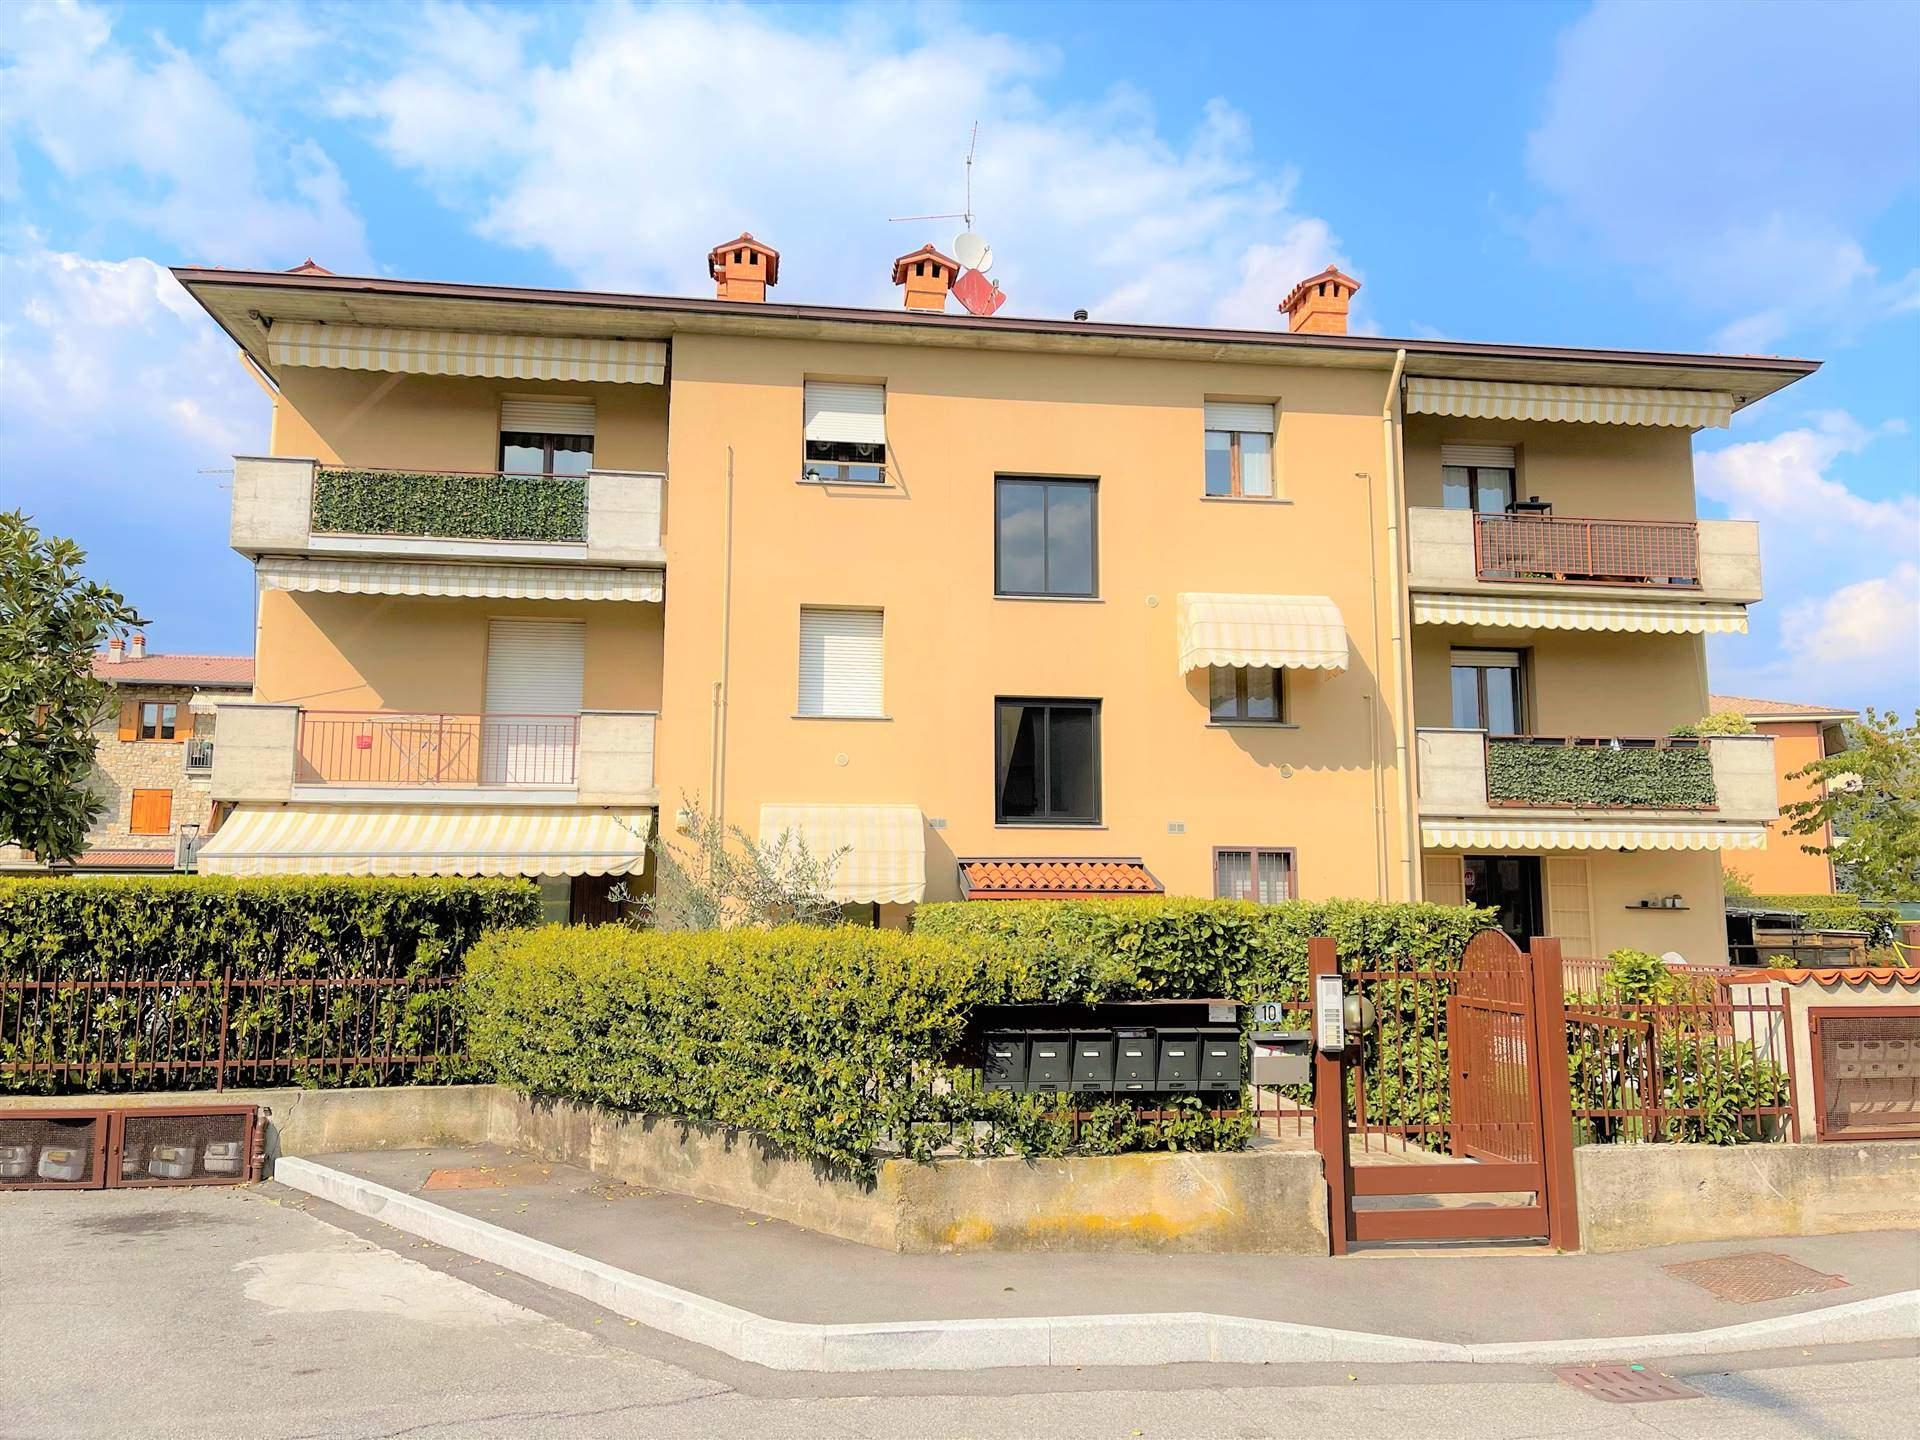 Appartamento in vendita a Villa di Serio, 3 locali, prezzo € 150.000 | PortaleAgenzieImmobiliari.it